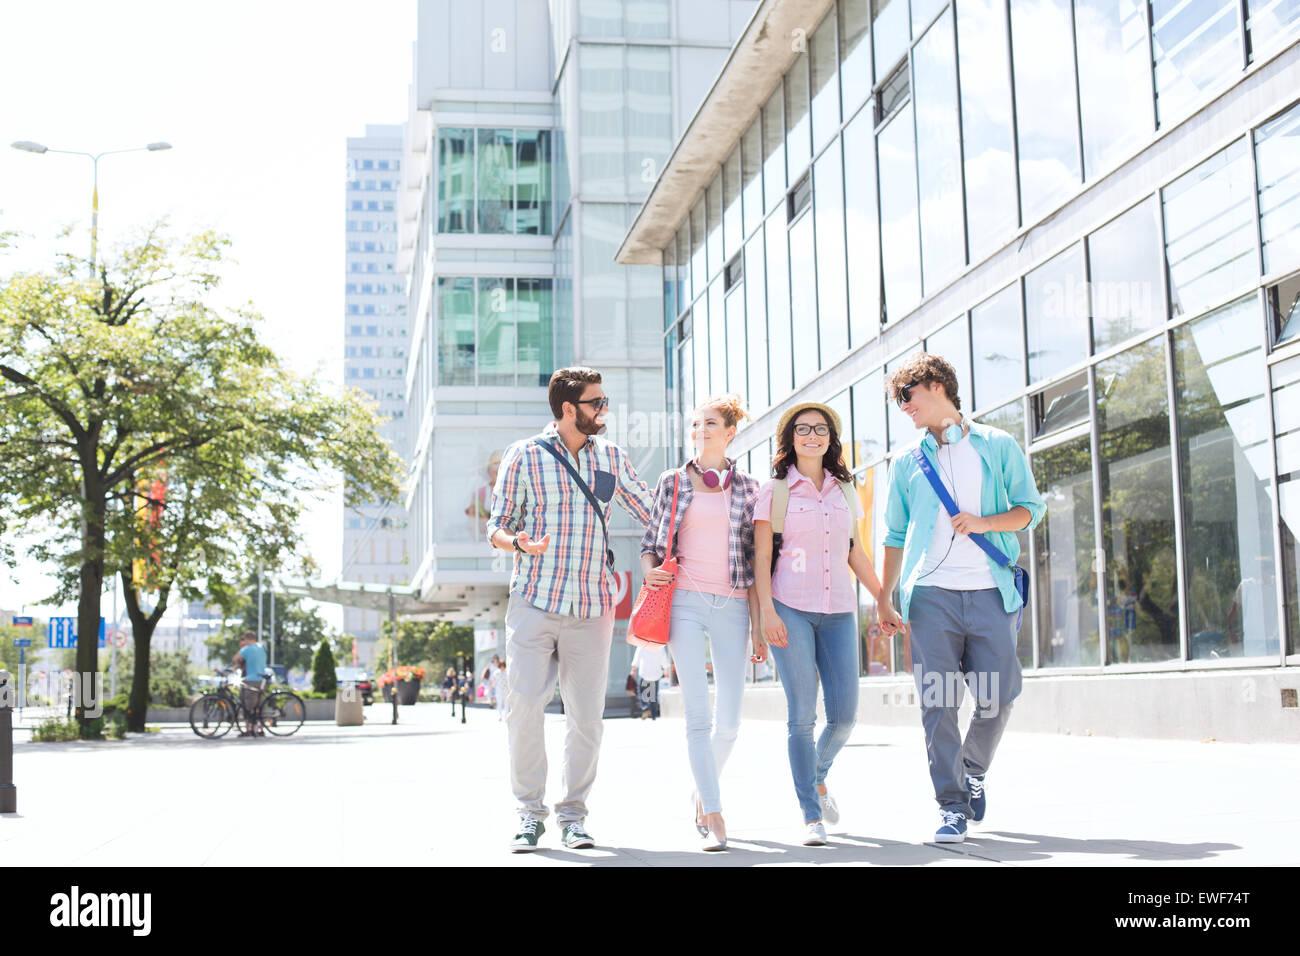 De longitud completa amigos masculinos y femeninos caminando por las calles de la ciudad Imagen De Stock